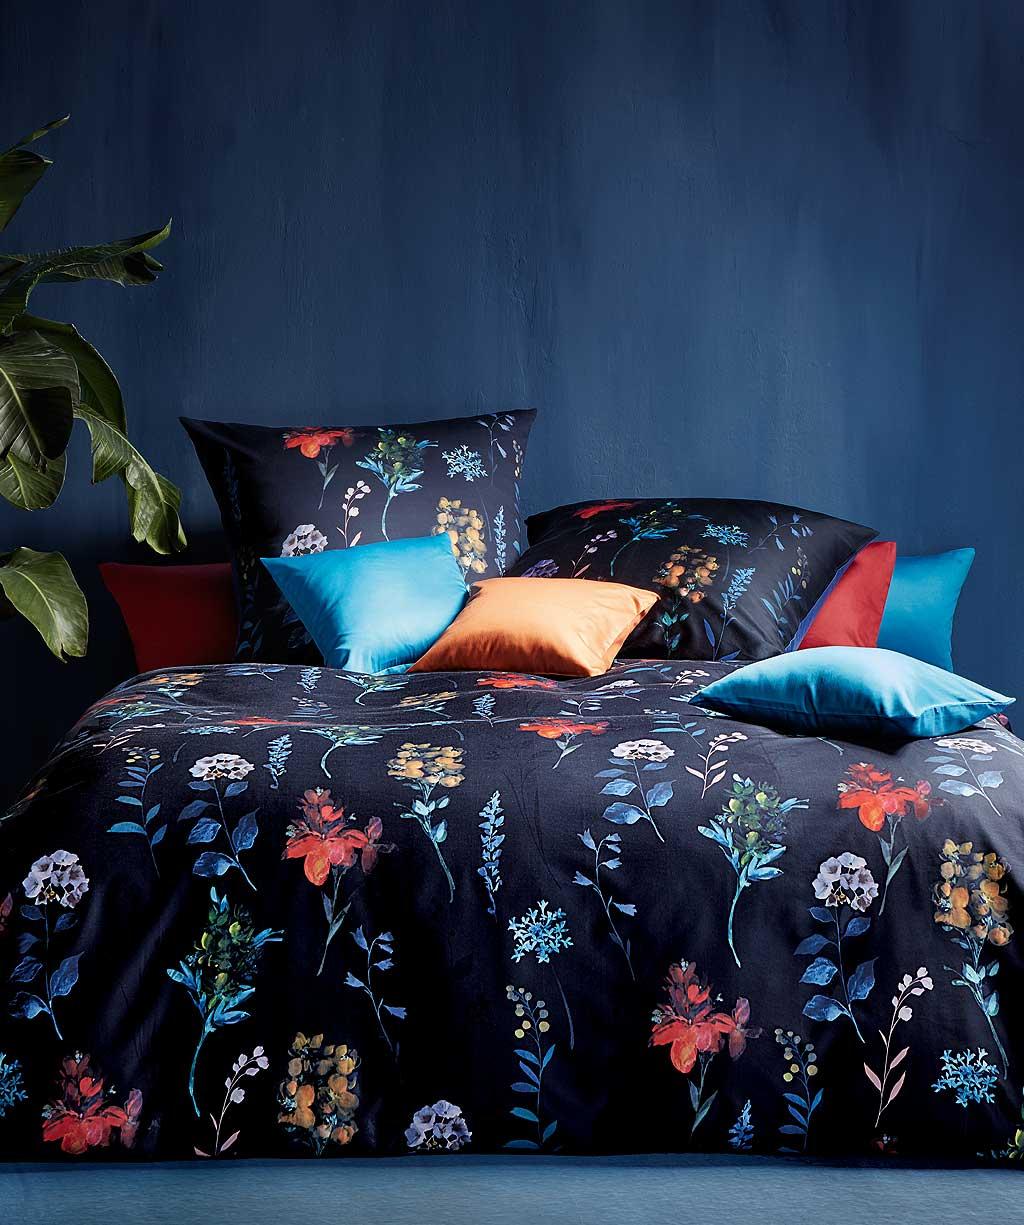 Bügelfreie Blumenbettwäsche aus hochwertigem Interlock Jersey - Digitaldruck